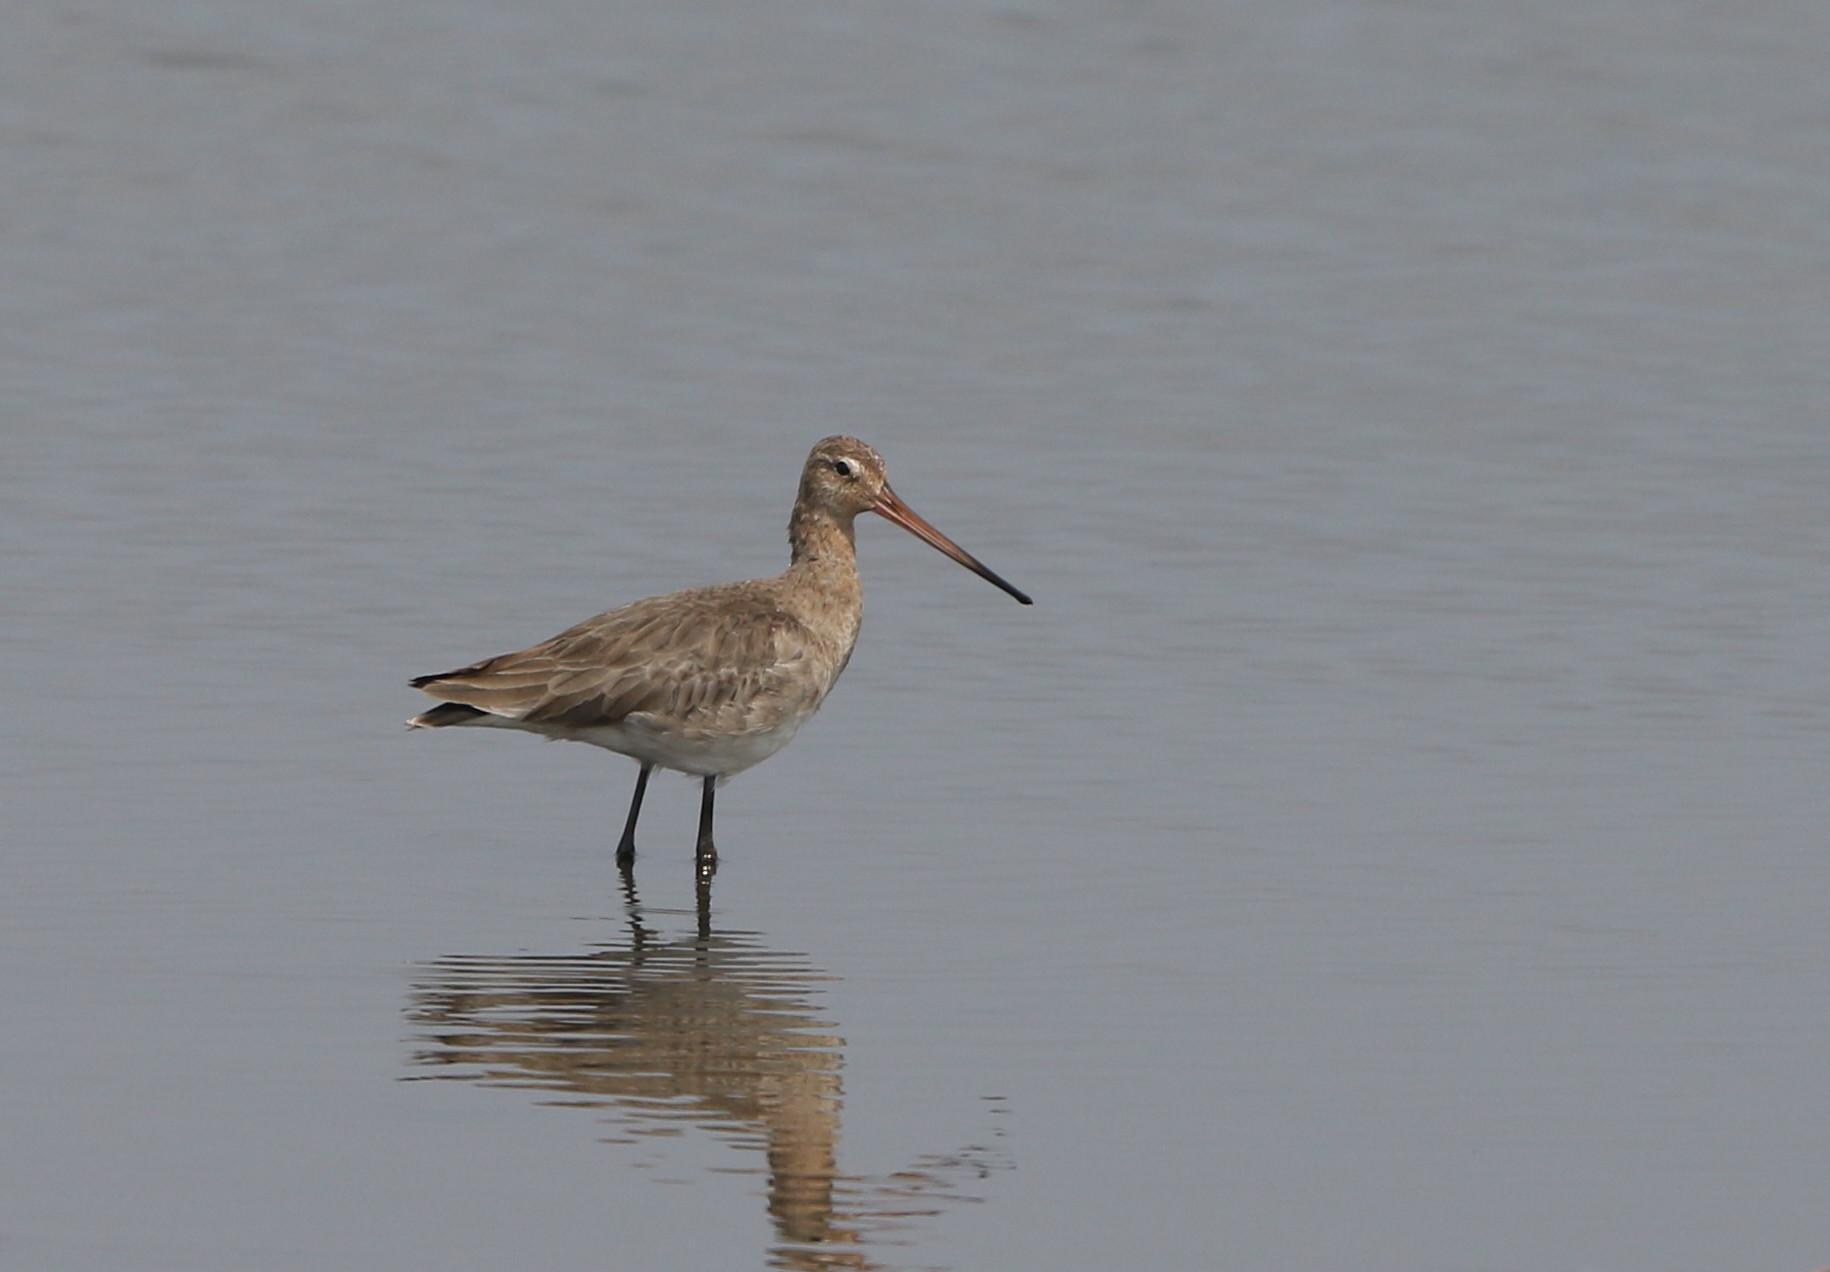 MFの沼でオグロシギを撮る_f0239515_21465776.jpg